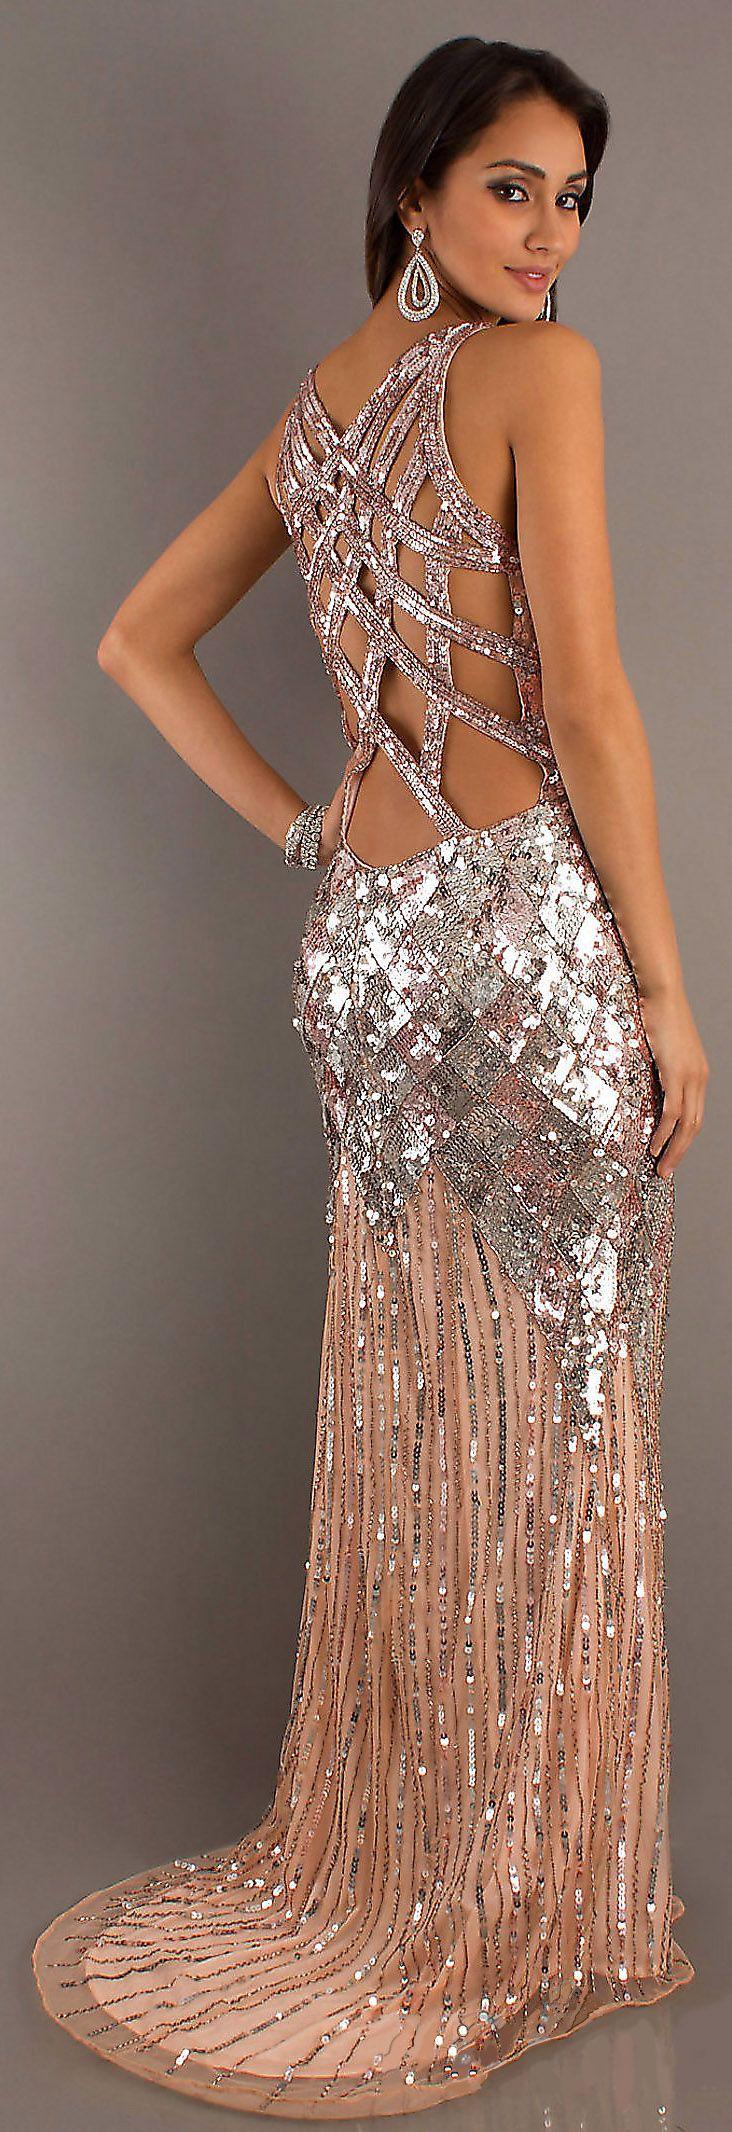 Long V-Neck Sequin Formal Dress http://www.promgirl.com/shop/dresses/viewitem-PD788671